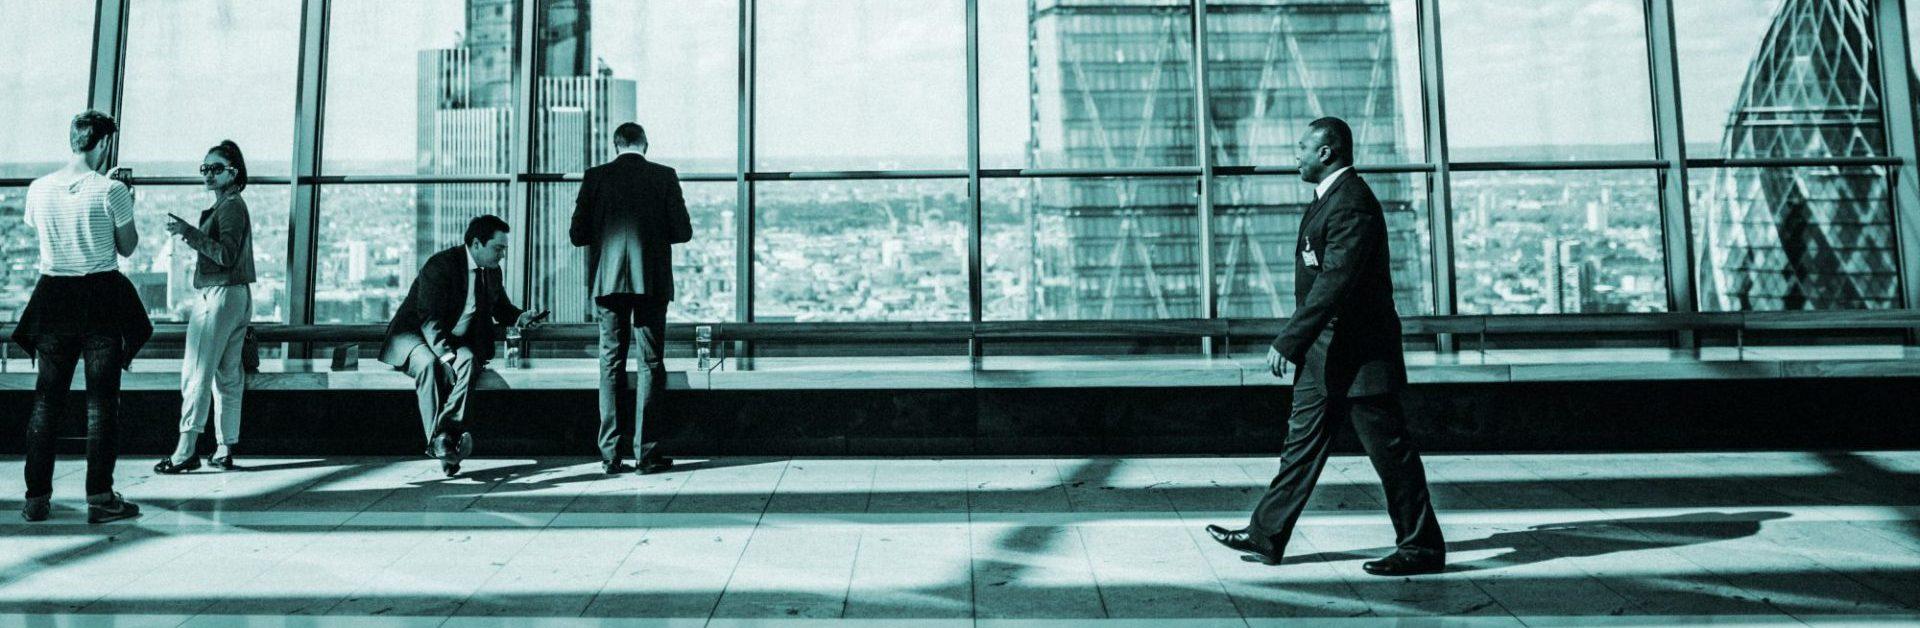 business_aqua-e1465233005222